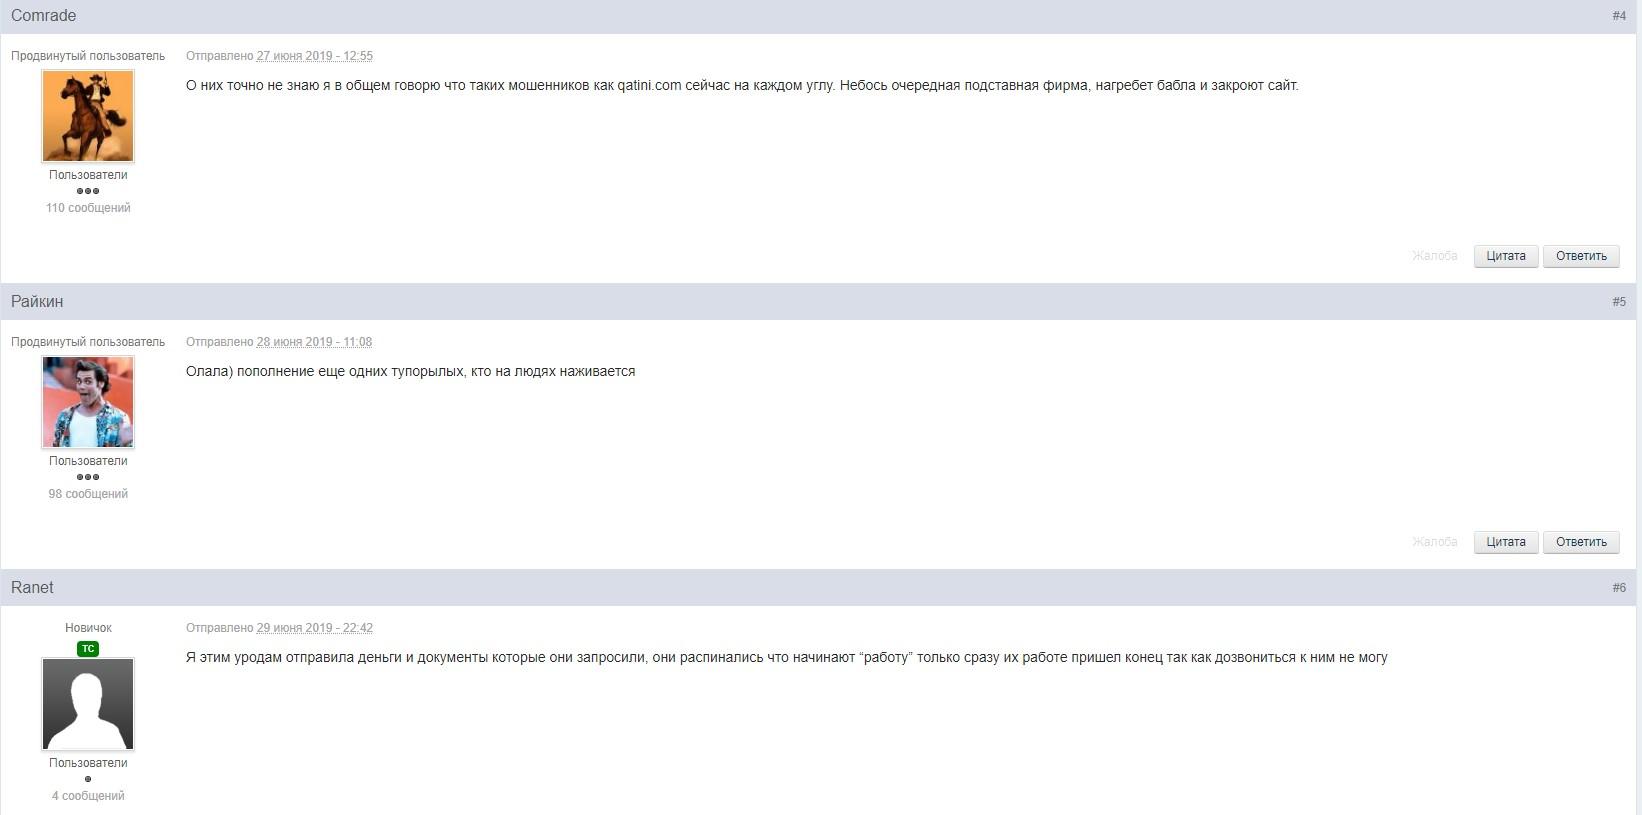 qatini.com отзывы на сайте forum-eu.com